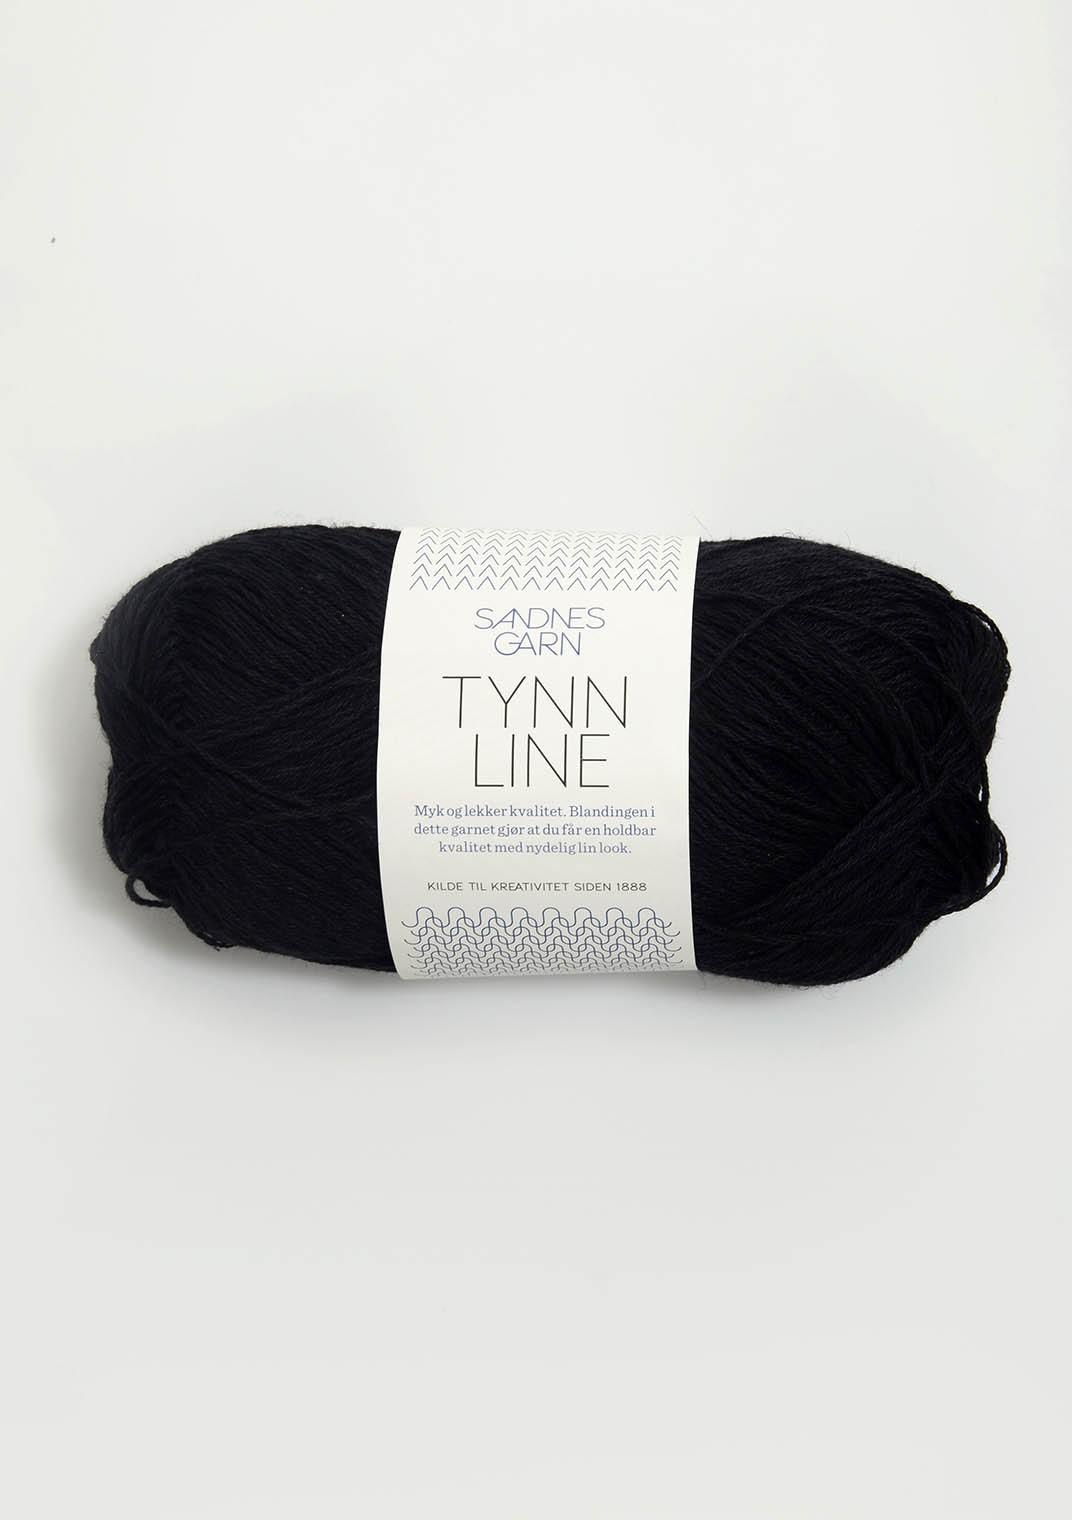 Sandnes tynn line 1099 svart